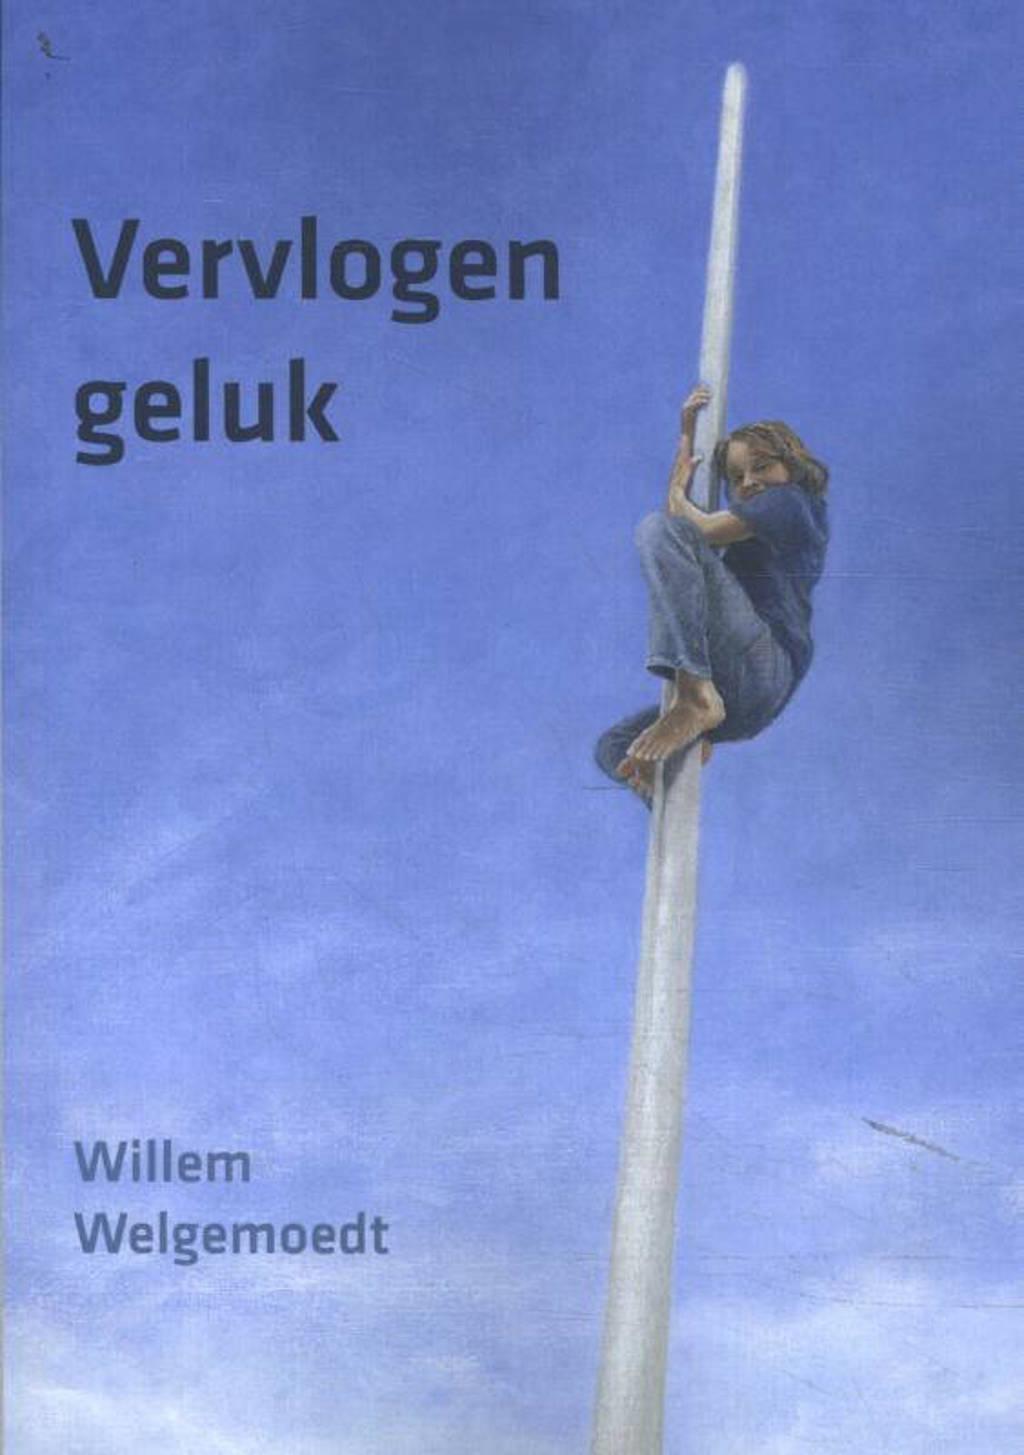 Vervlogen geluk - Willem Welgemoedt